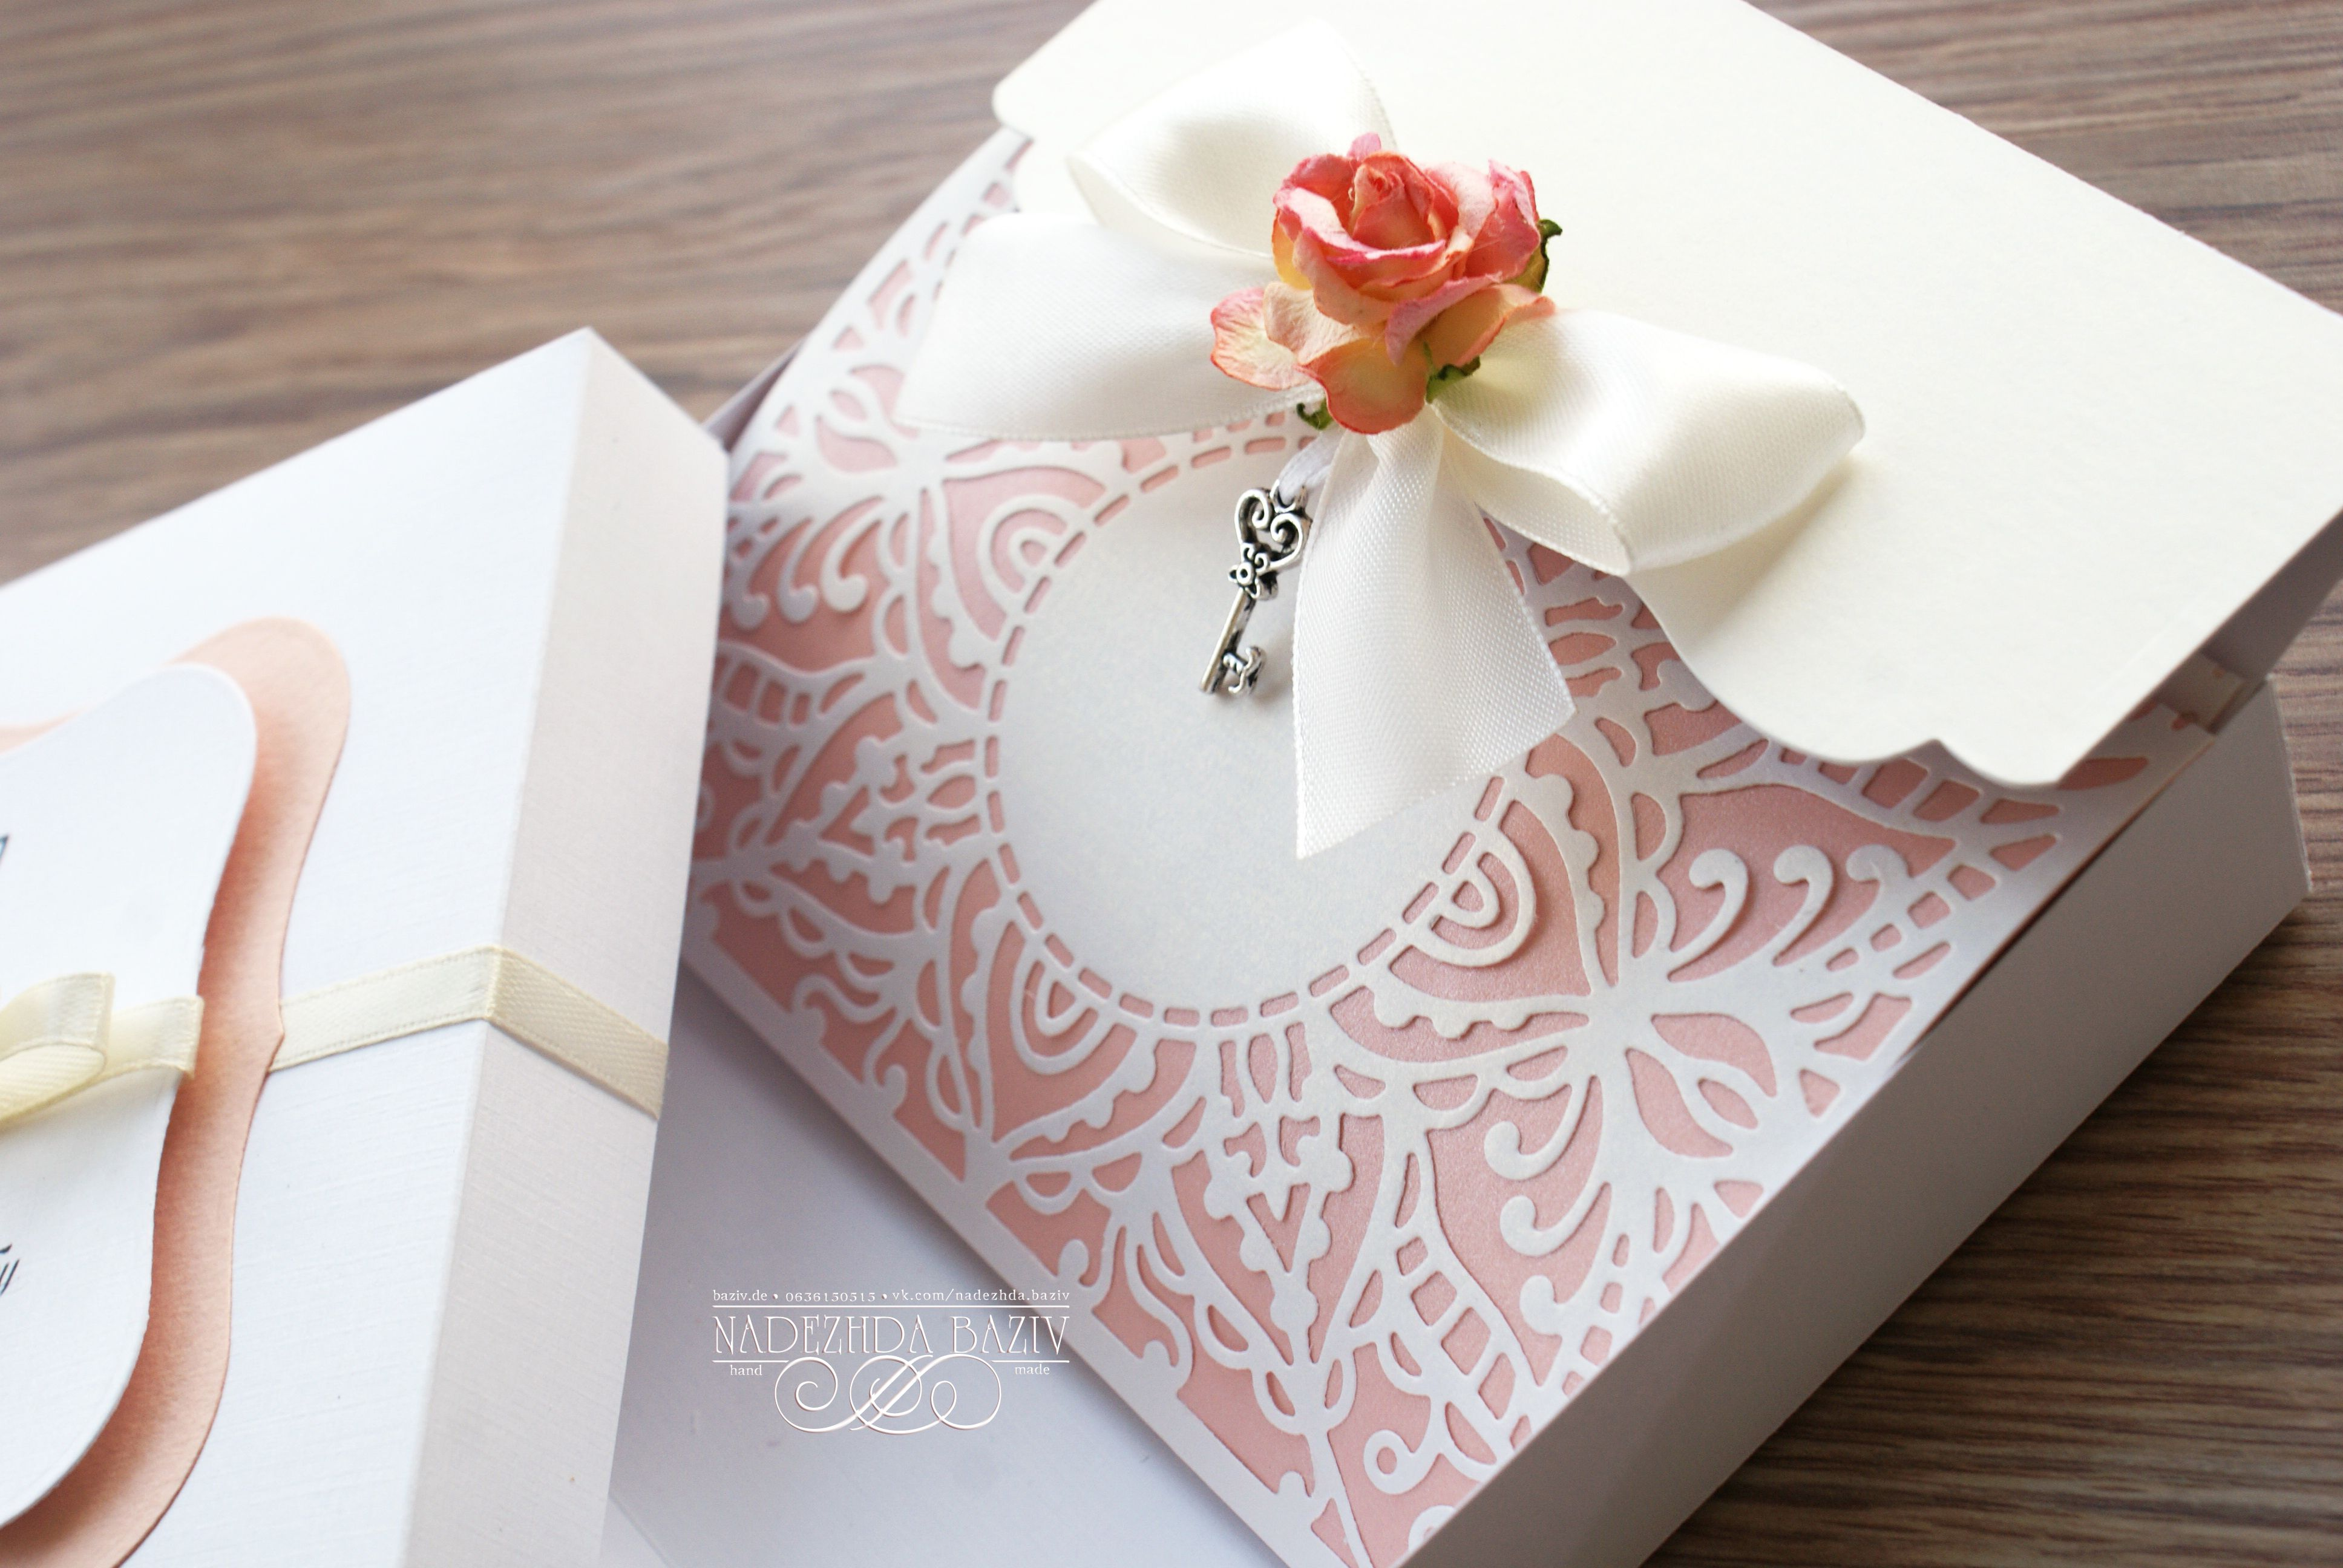 Nadezhda Baziv handmade wedding invitation | Handmade Wedding ...